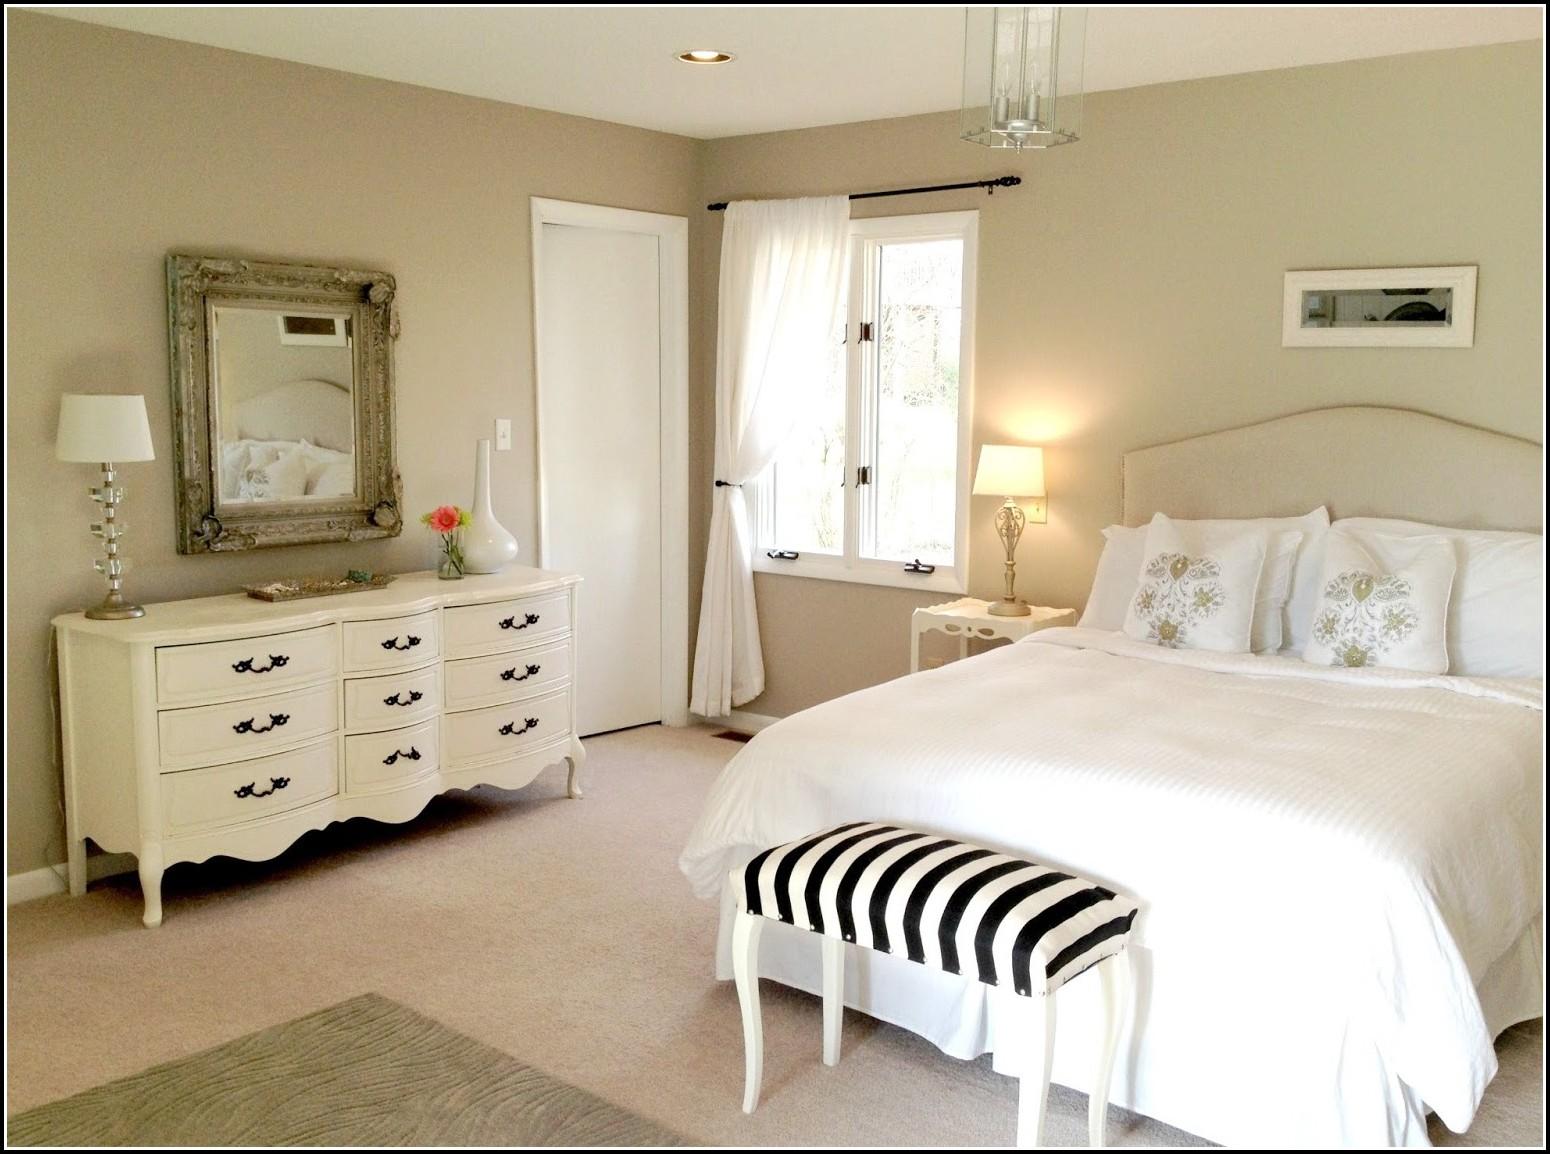 Schlafzimmer Weiße Möbel Welche Wandfarbe | Möbel Eiche Rustikal ...